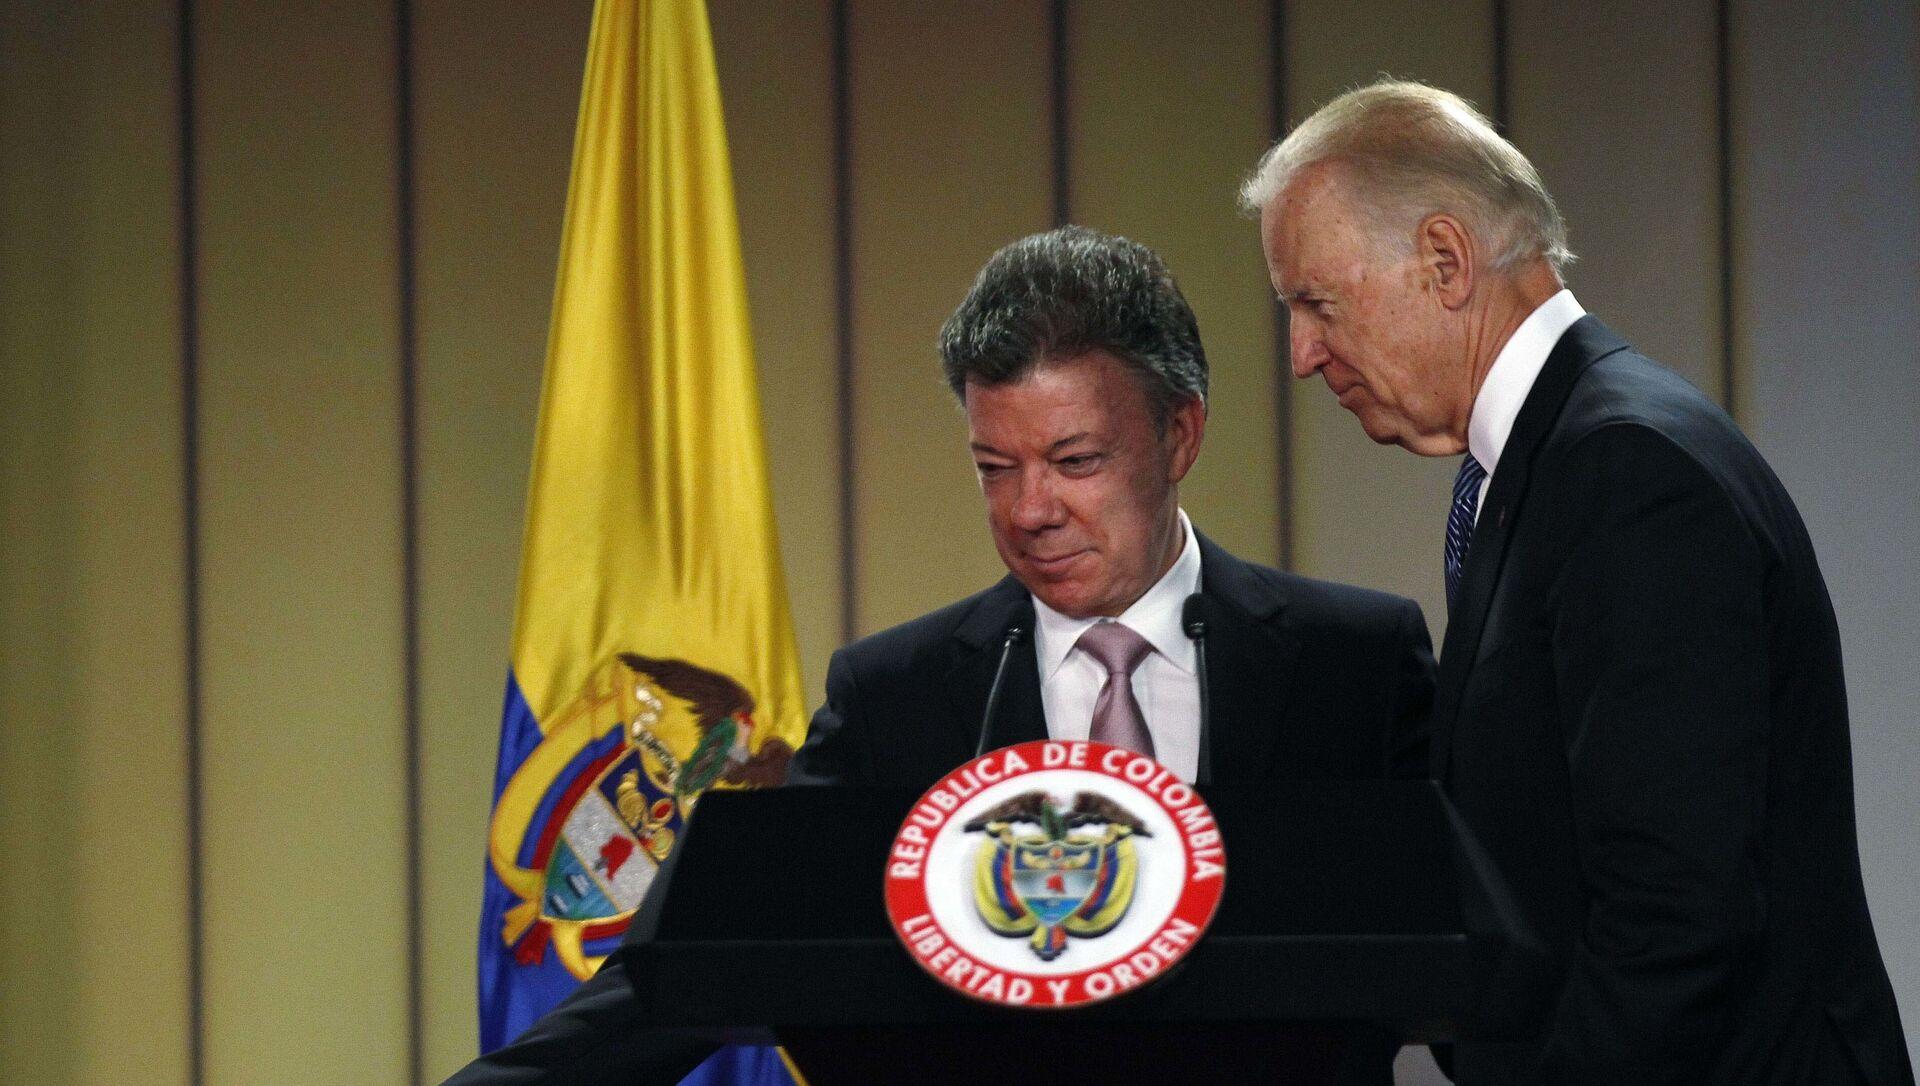 El expresidente colombiano Juan Manuel Santos junto a Joe Biden durante su visita a Colombia en 2016 - Sputnik Mundo, 1920, 29.10.2020